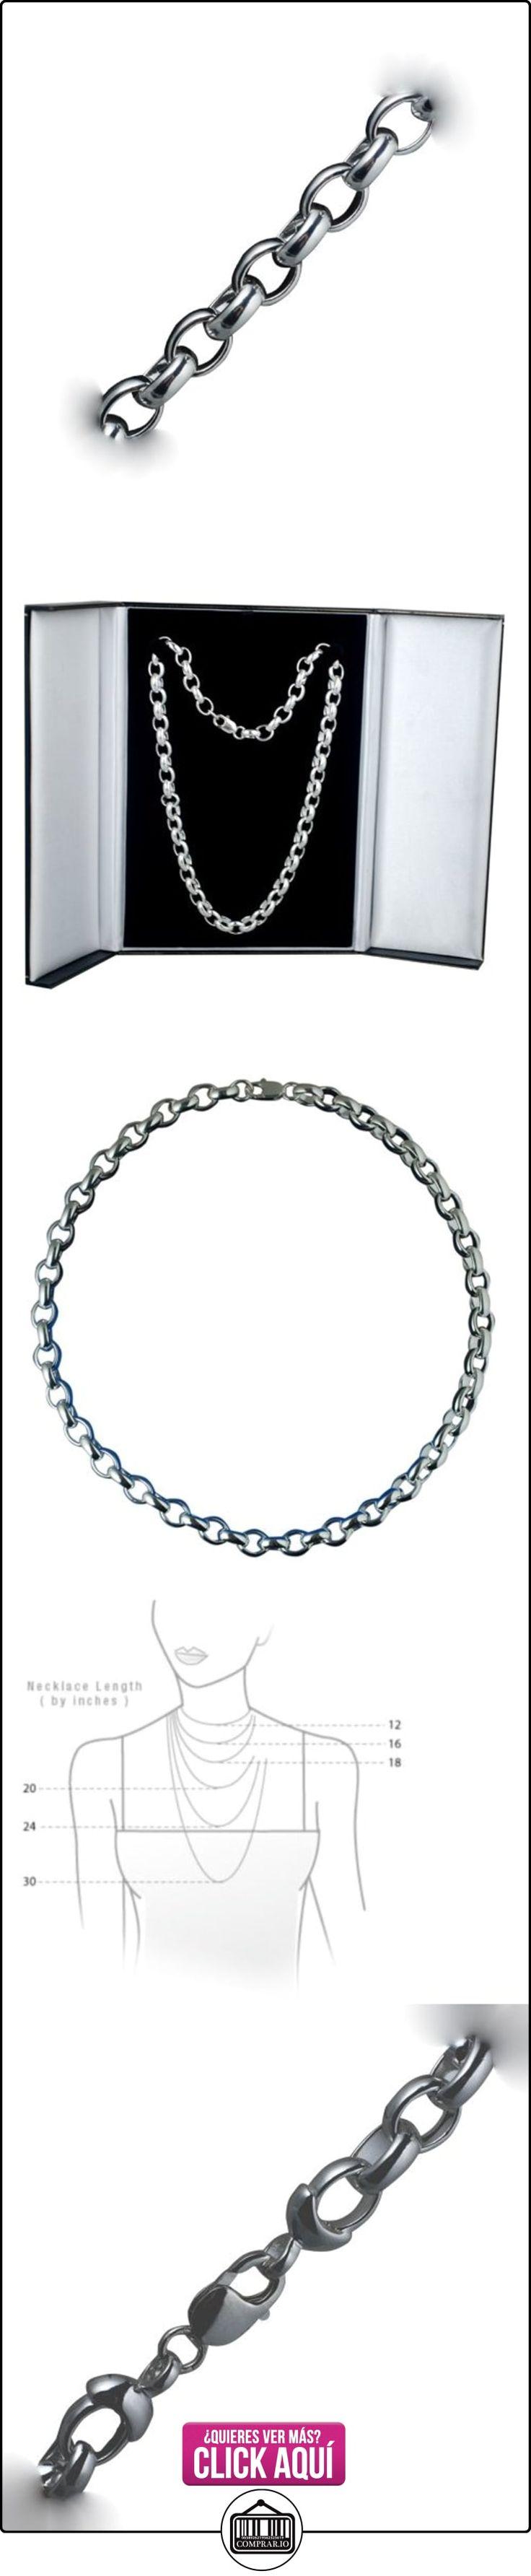 British Jewellery Workshops   plata fina - 925/1000  Plata fina  ✿ Joyas para hombres especiales - lujo ✿ ▬► Ver oferta: http://comprar.io/goto/B00SJ8JL6O